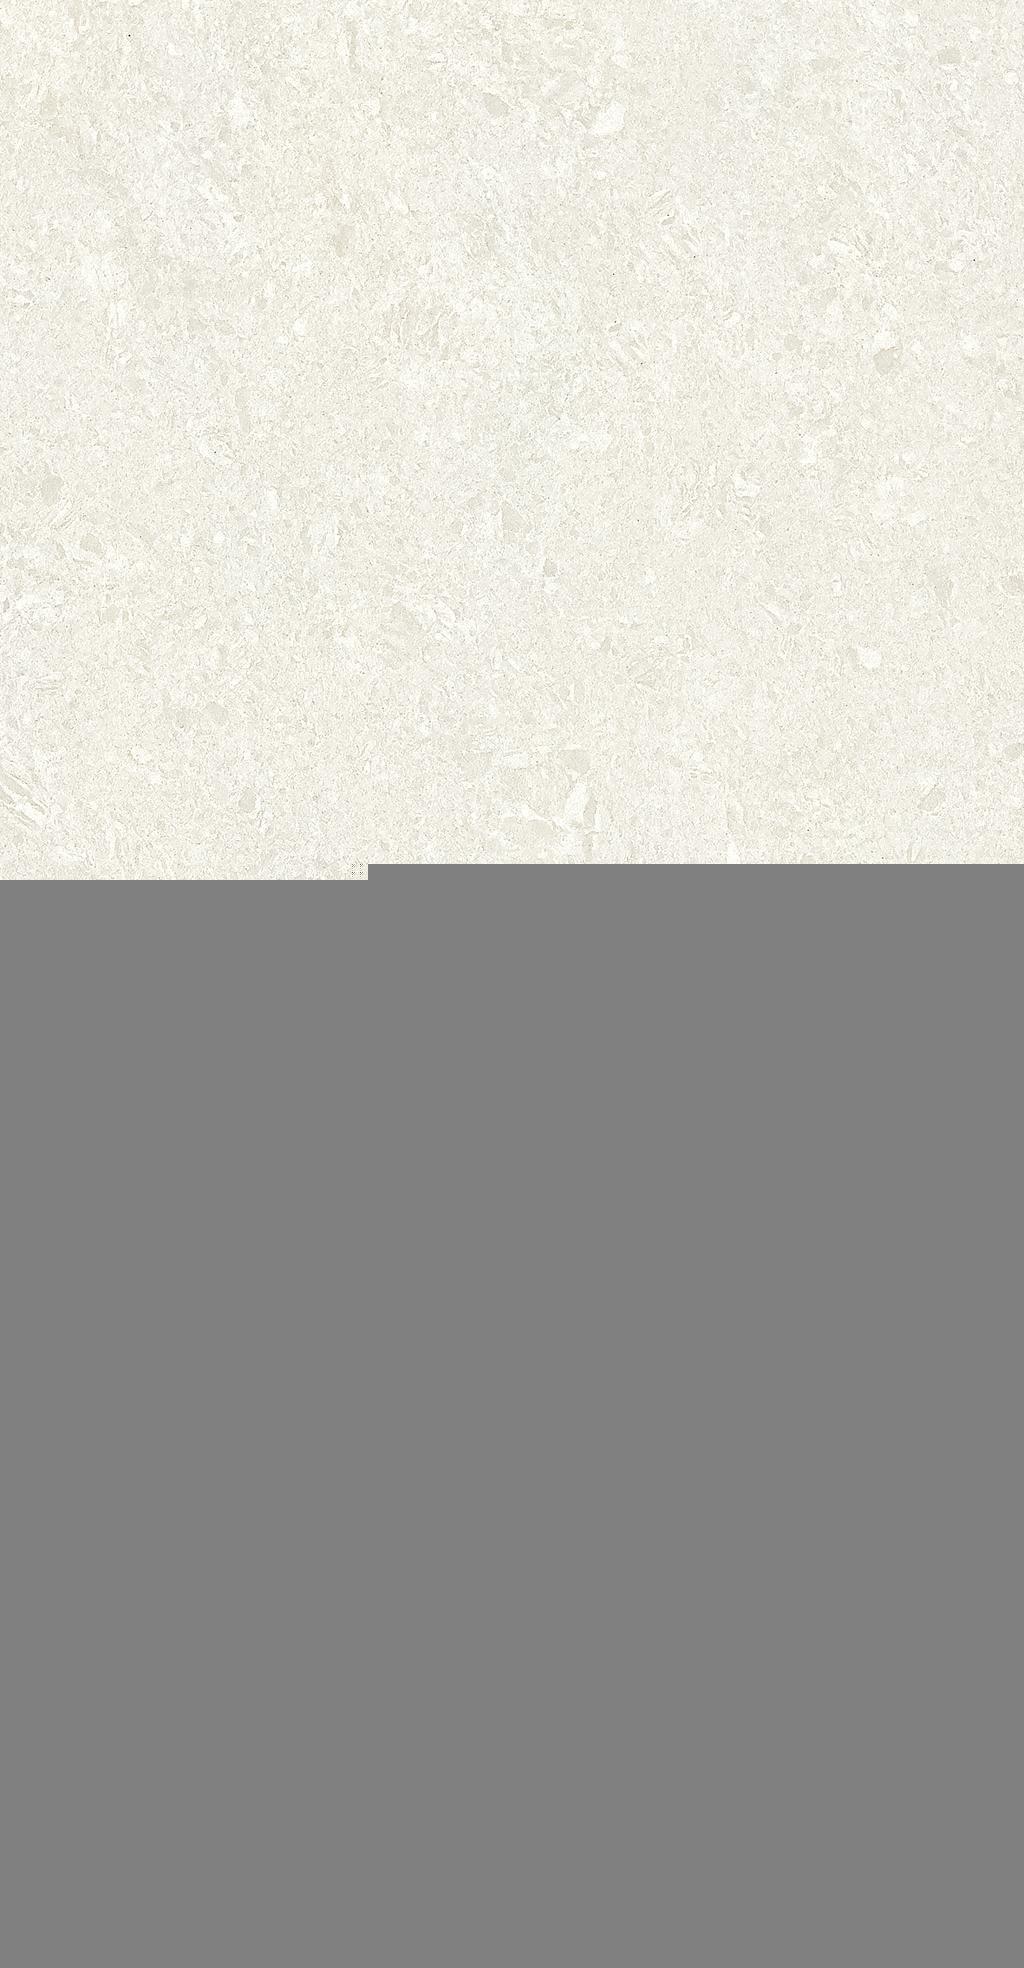 维罗瓷砖可可西里系列地面抛光砖kp001(600×12